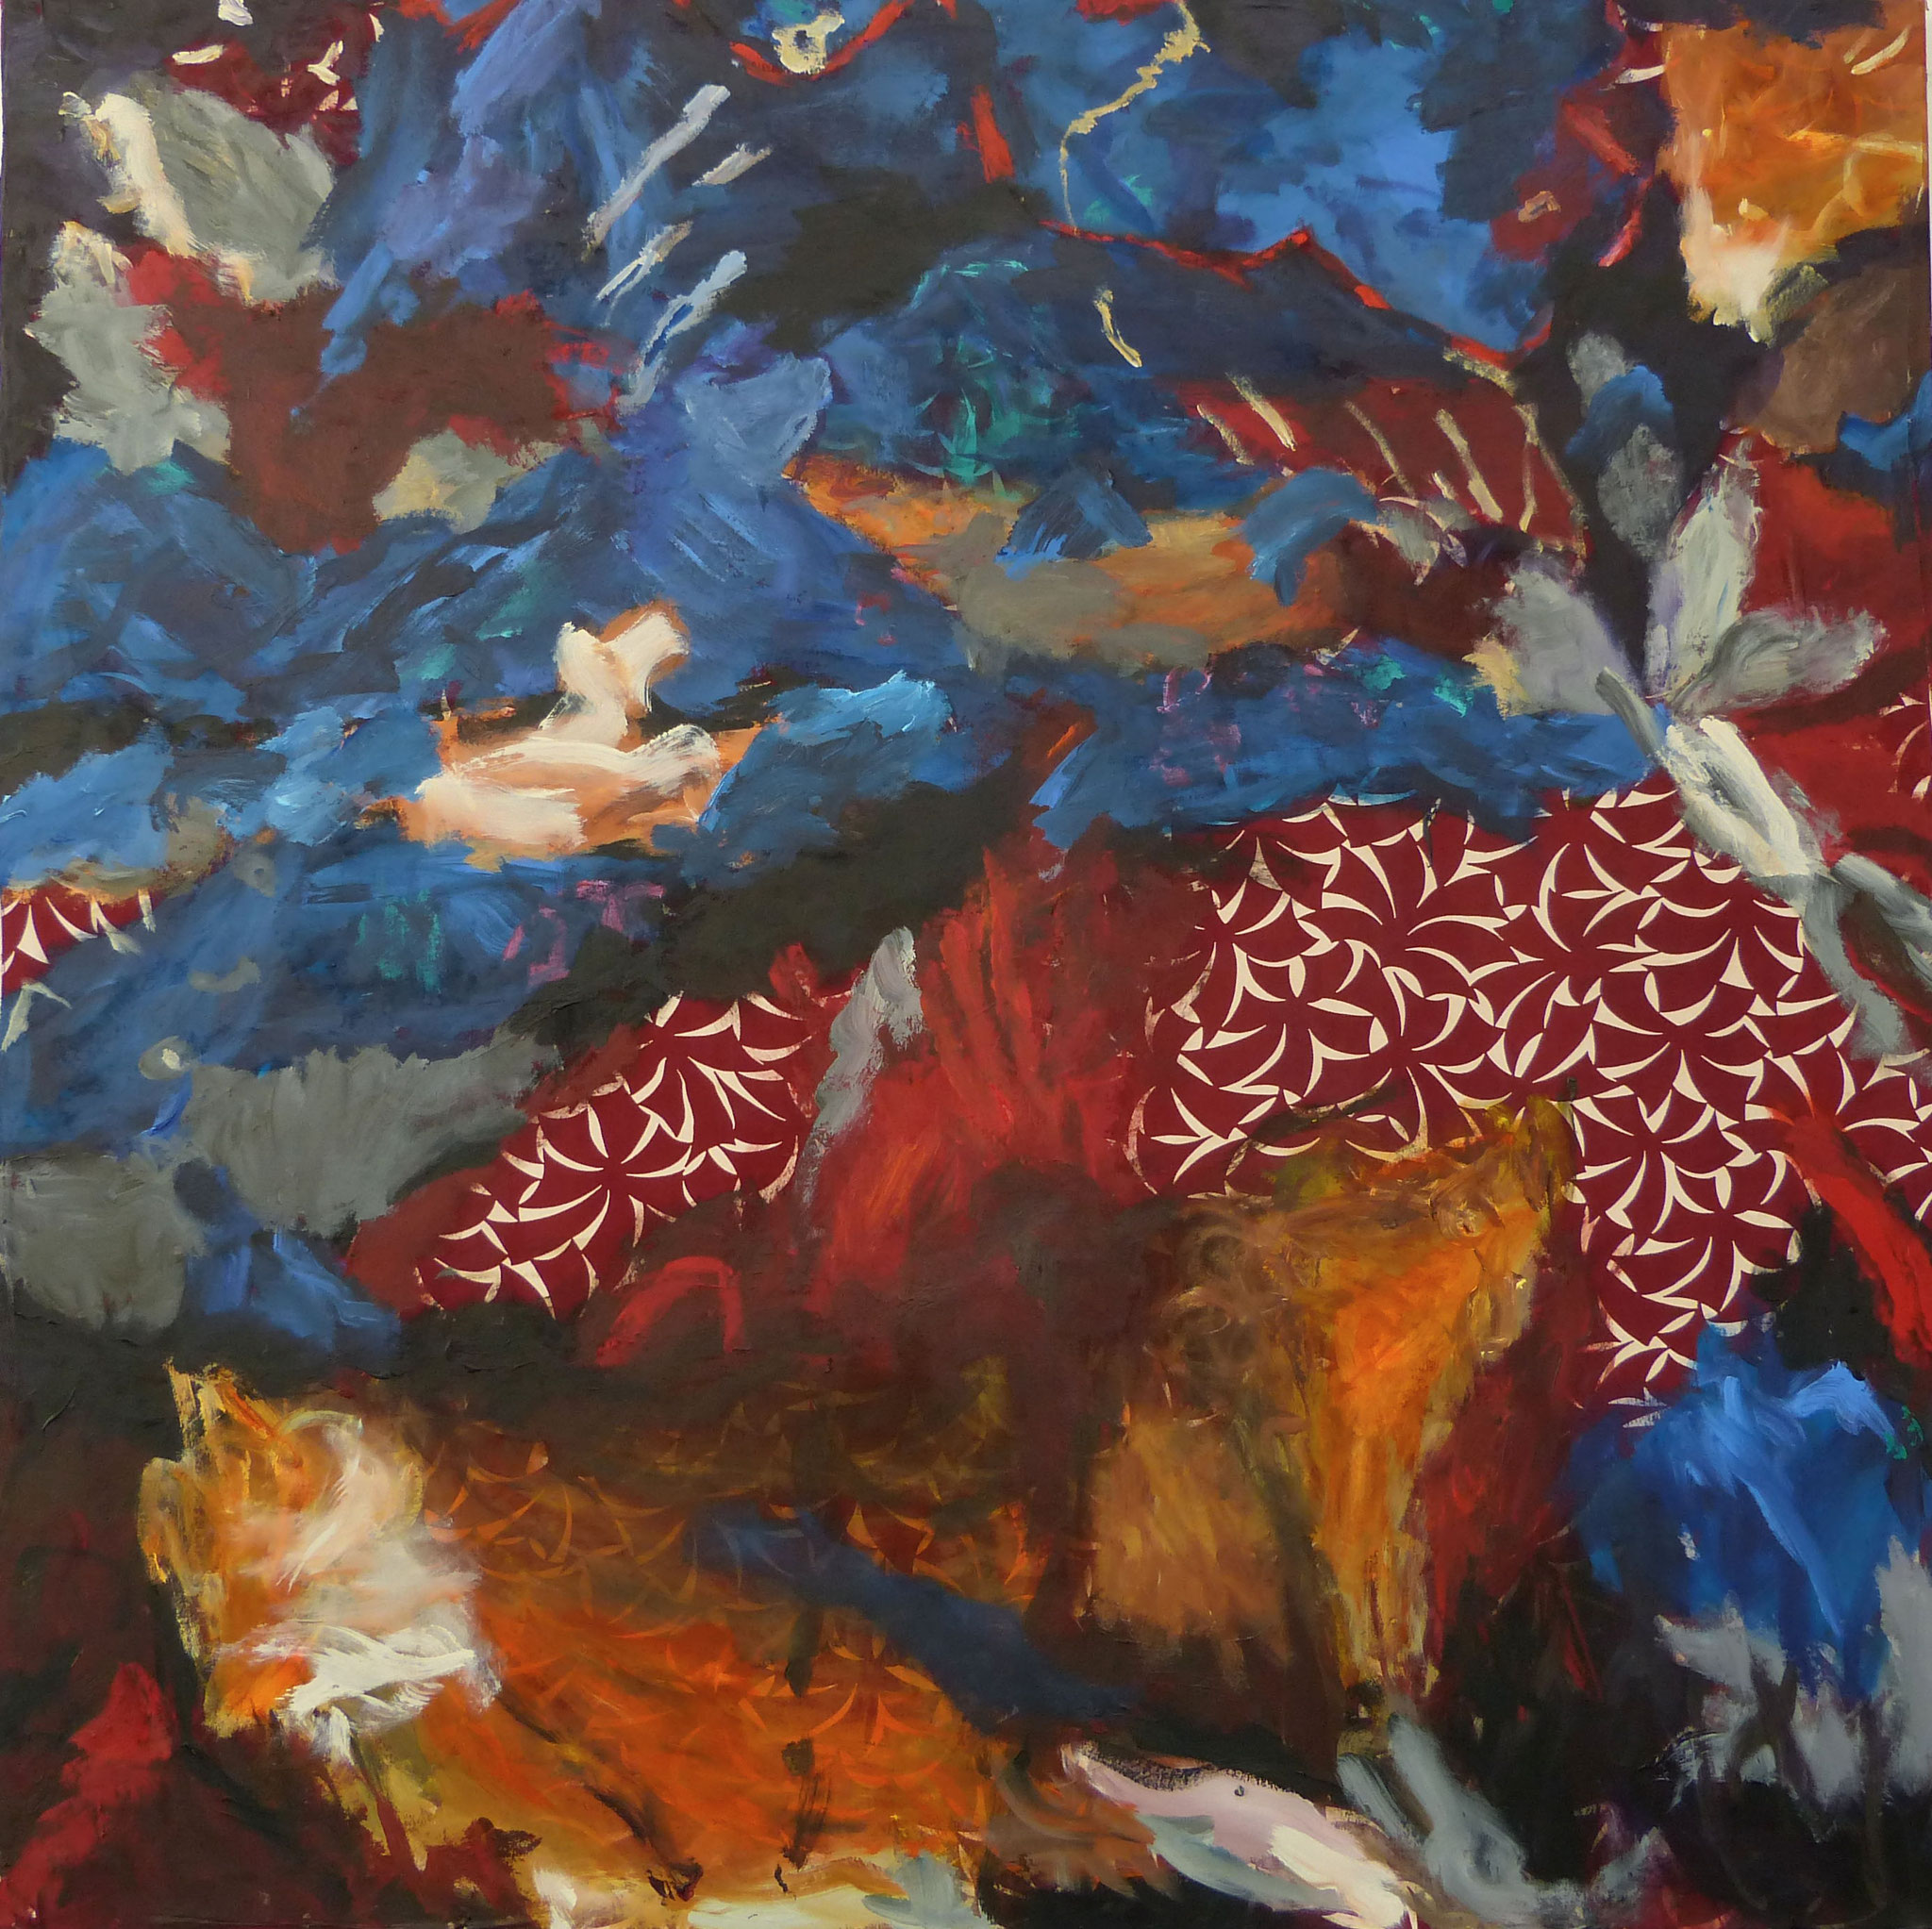 Masala 1, Acryl /Leinwand, 100 x 100 cm, 2016